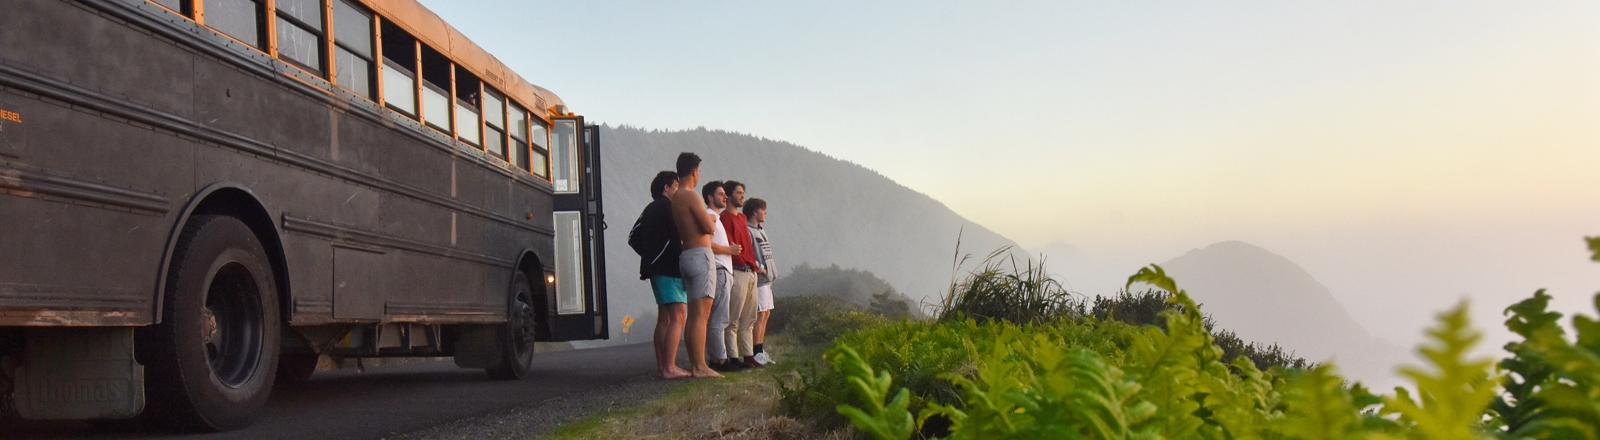 Fünf junge Männer stehen vor einem alten Schulbus und schauen in ein Tal im Sonnenuntergang